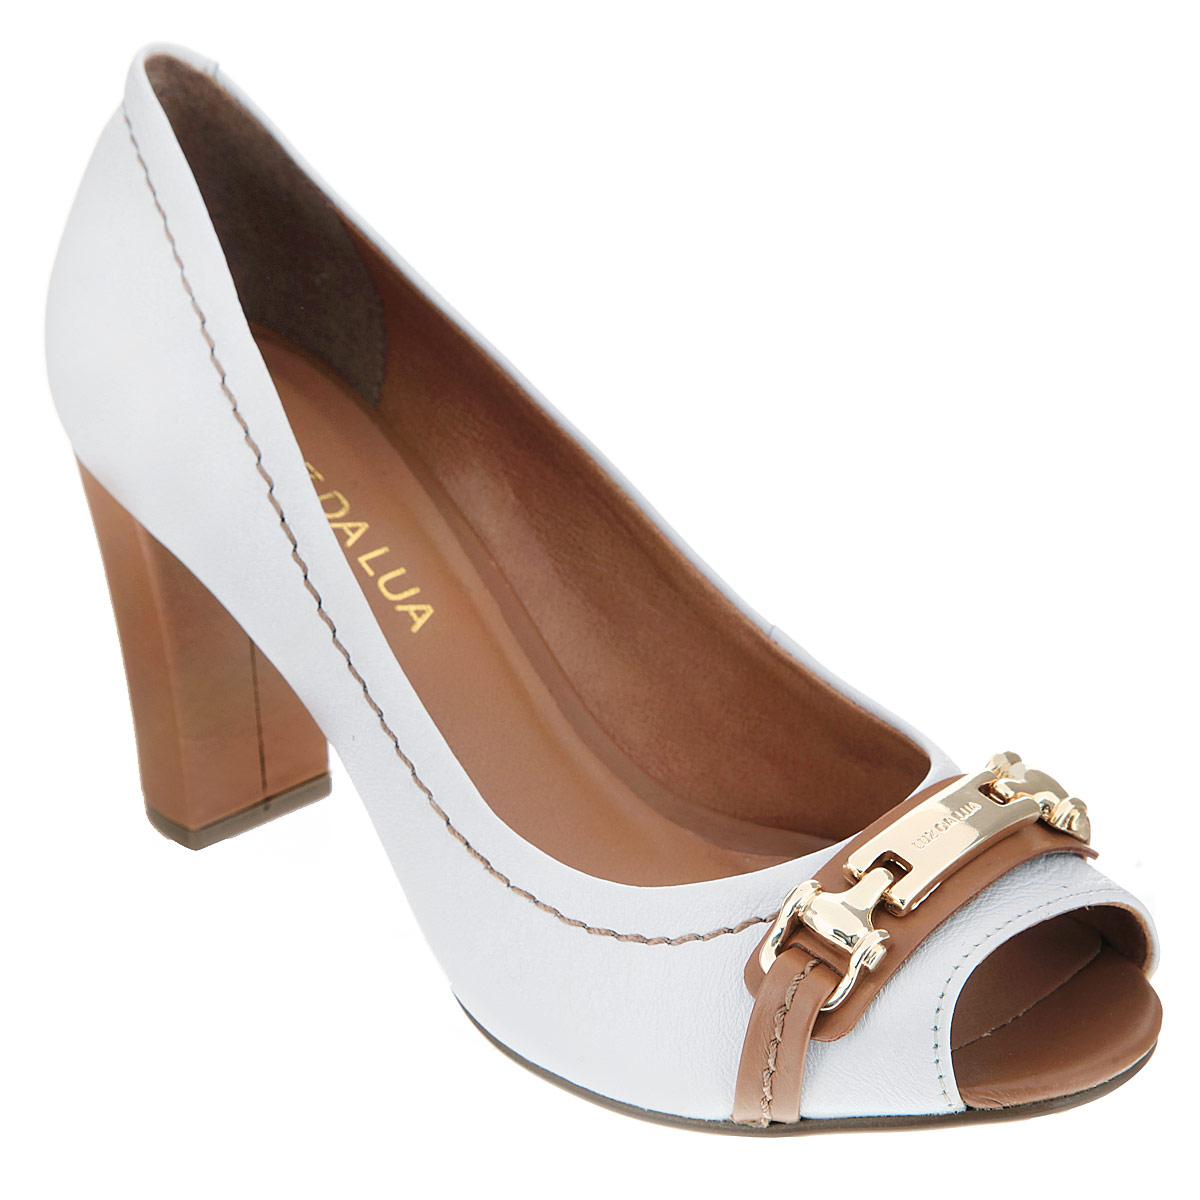 Туфли женские. S41646V25S41646V25Стильные туфли от Luz Da Lua - основа гардероба каждой женщины! Модель выполнена из натуральной кожи и оформлена крупной декоративной прострочкой вдоль канта. Открытый носок смотрится невероятно женственно. Мыс изделия дополнен декоративными ремешками, к которым крепится оригинальное металлическое украшение с гравировкой в виде названия бренда. Стелька из натуральной кожи обеспечивает комфорт при ходьбе. Высокий каблук-столбик и подошва - с противоскользящим рифлением. Изысканные туфли внесут элегантные нотки в ваш модный образ.